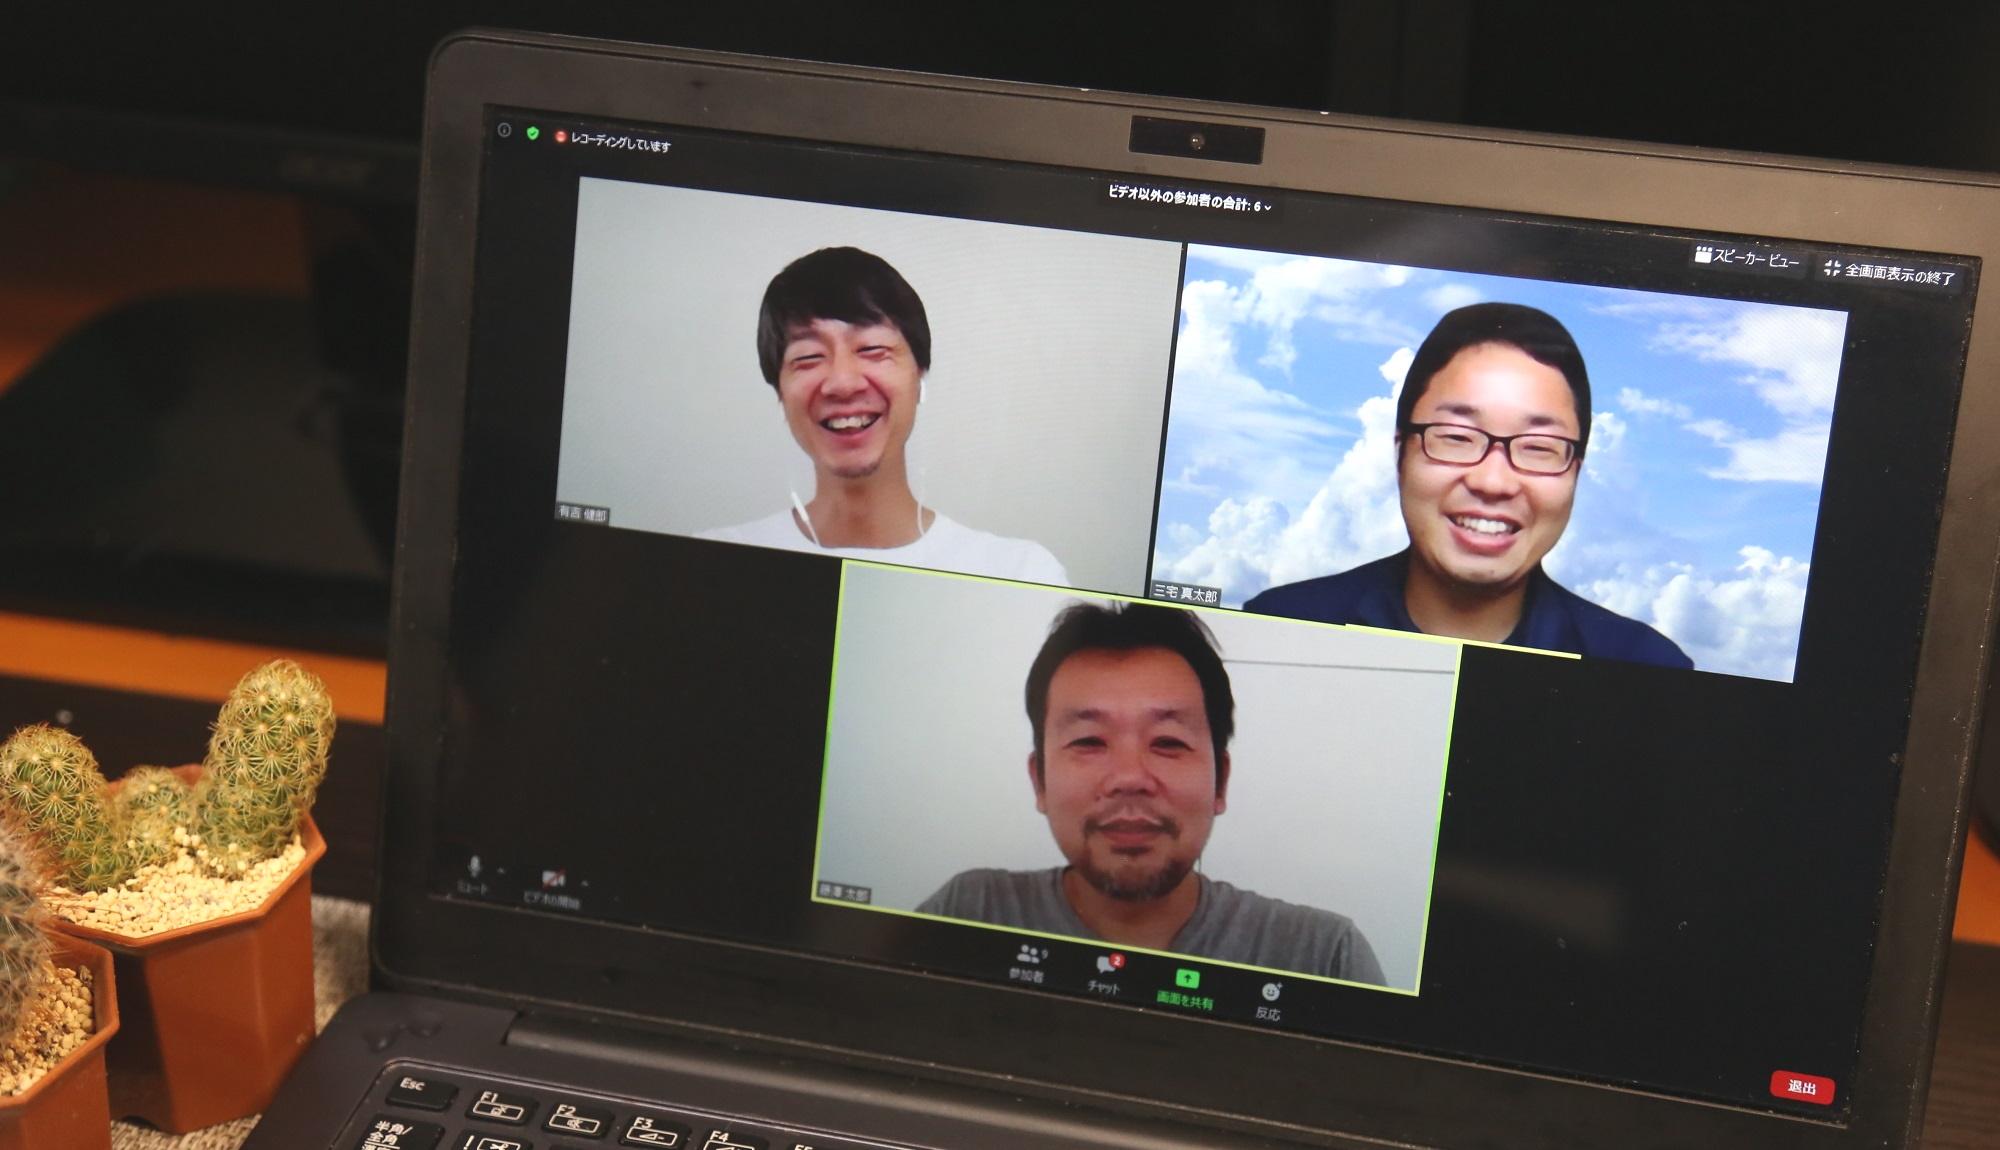 Yahoo!ニュースにかかわるインタビュイー3人が、Web会議ツールで語り合っている様子の写真